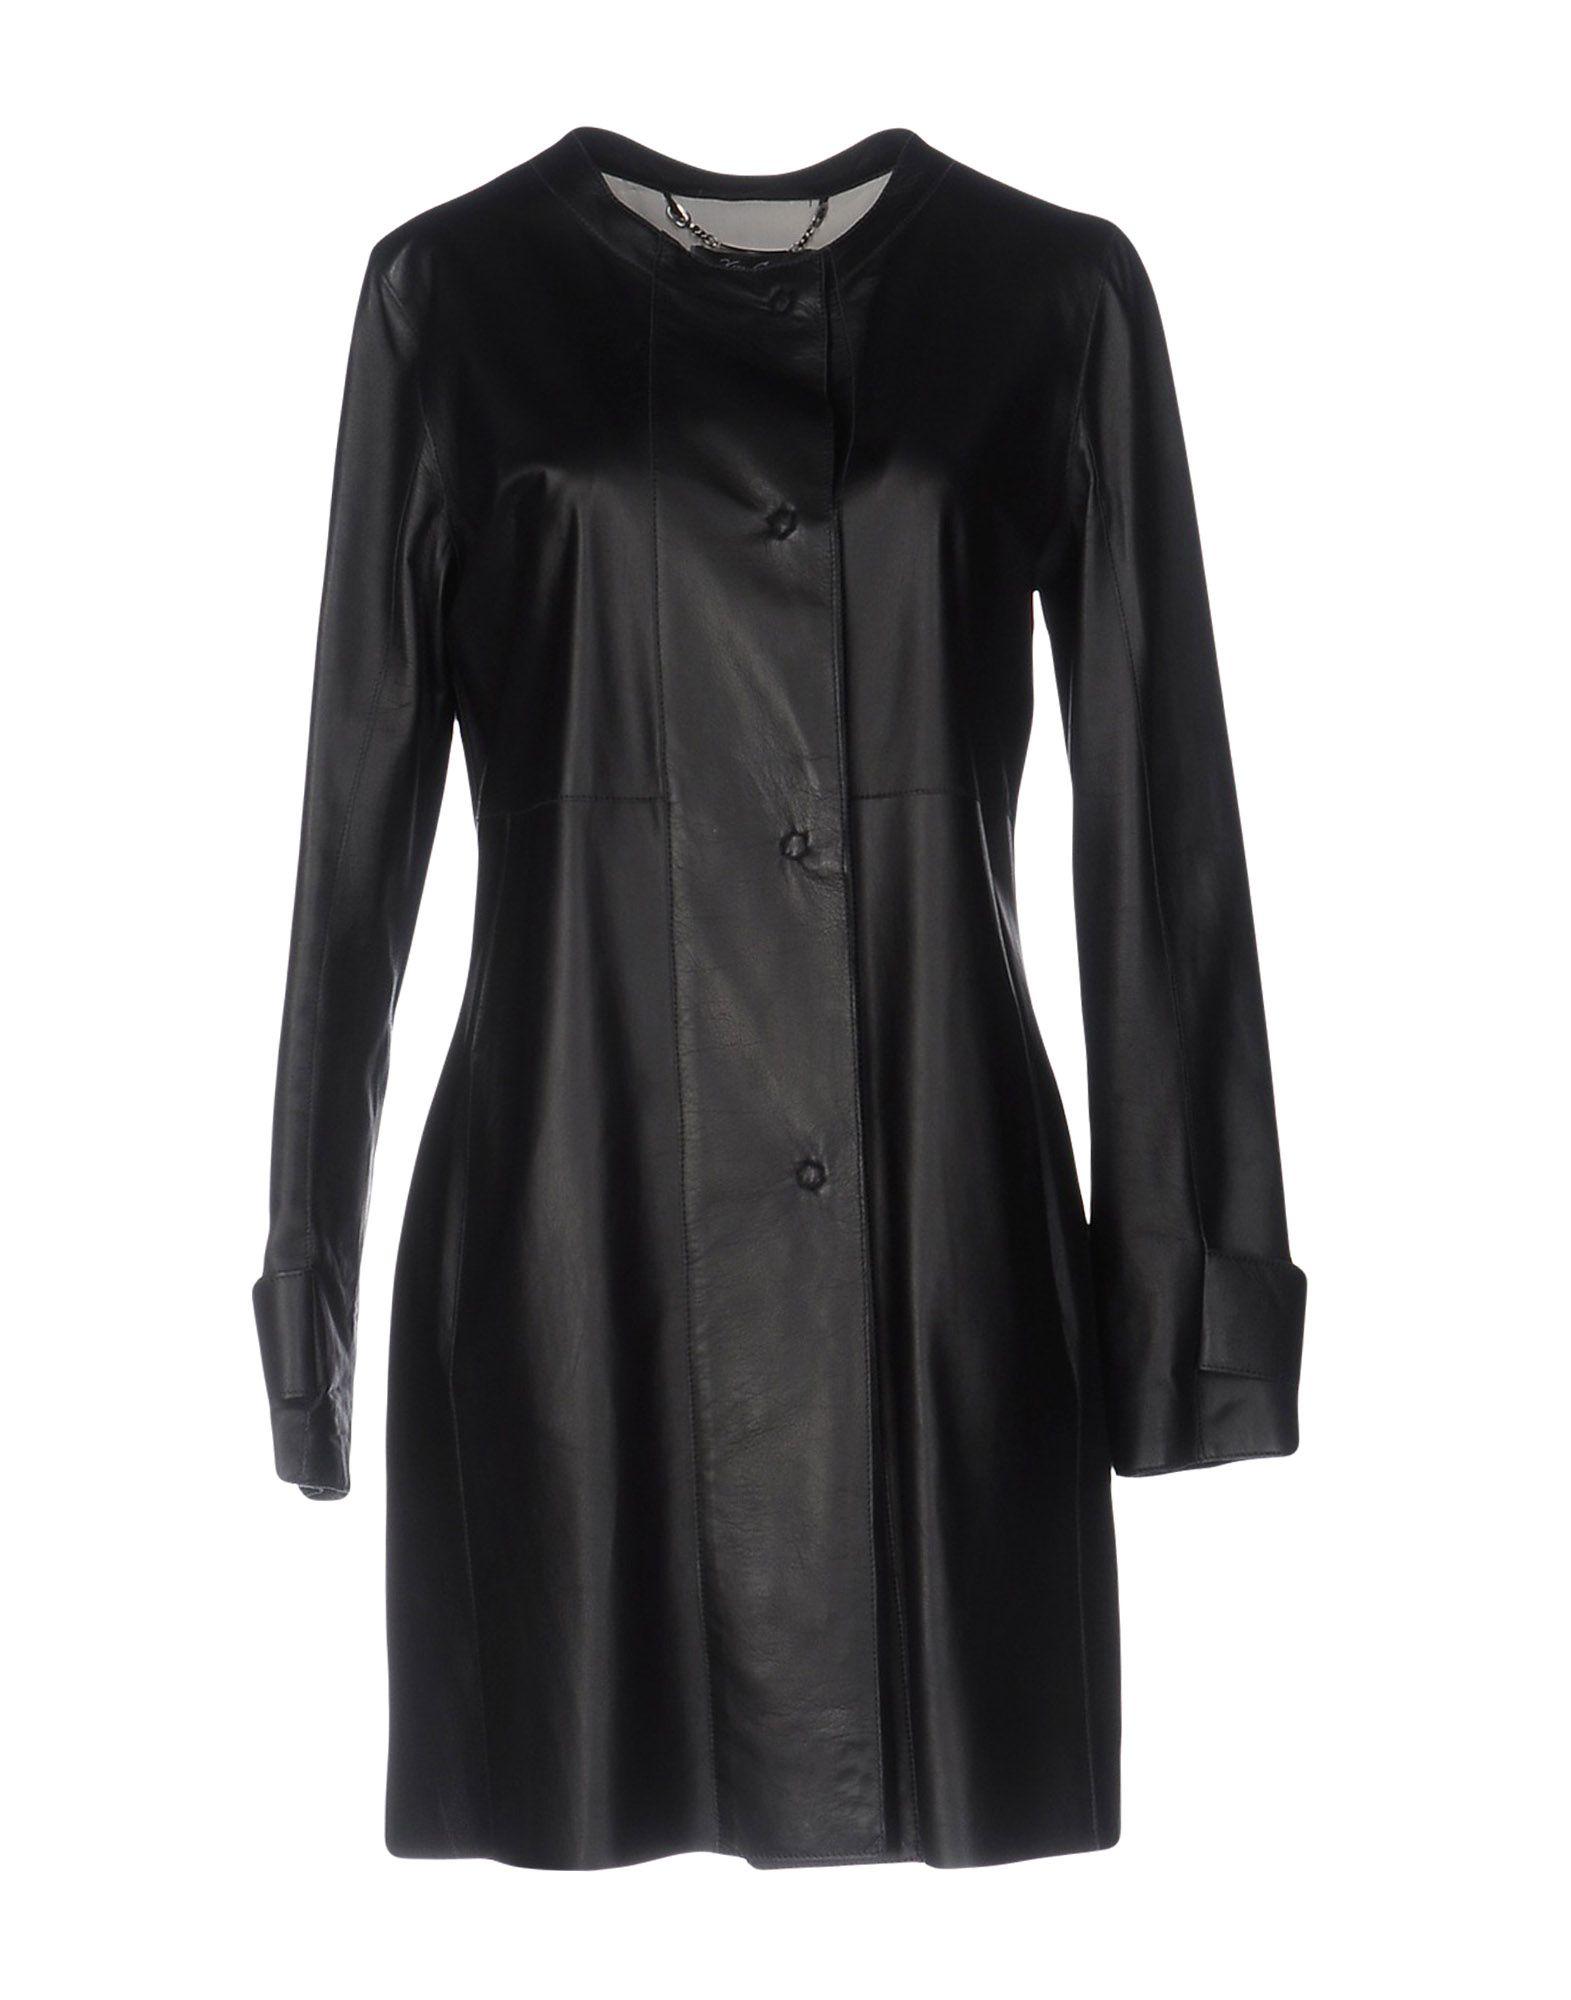 VIA | CORSI Легкое пальто пальто via lattea пальто